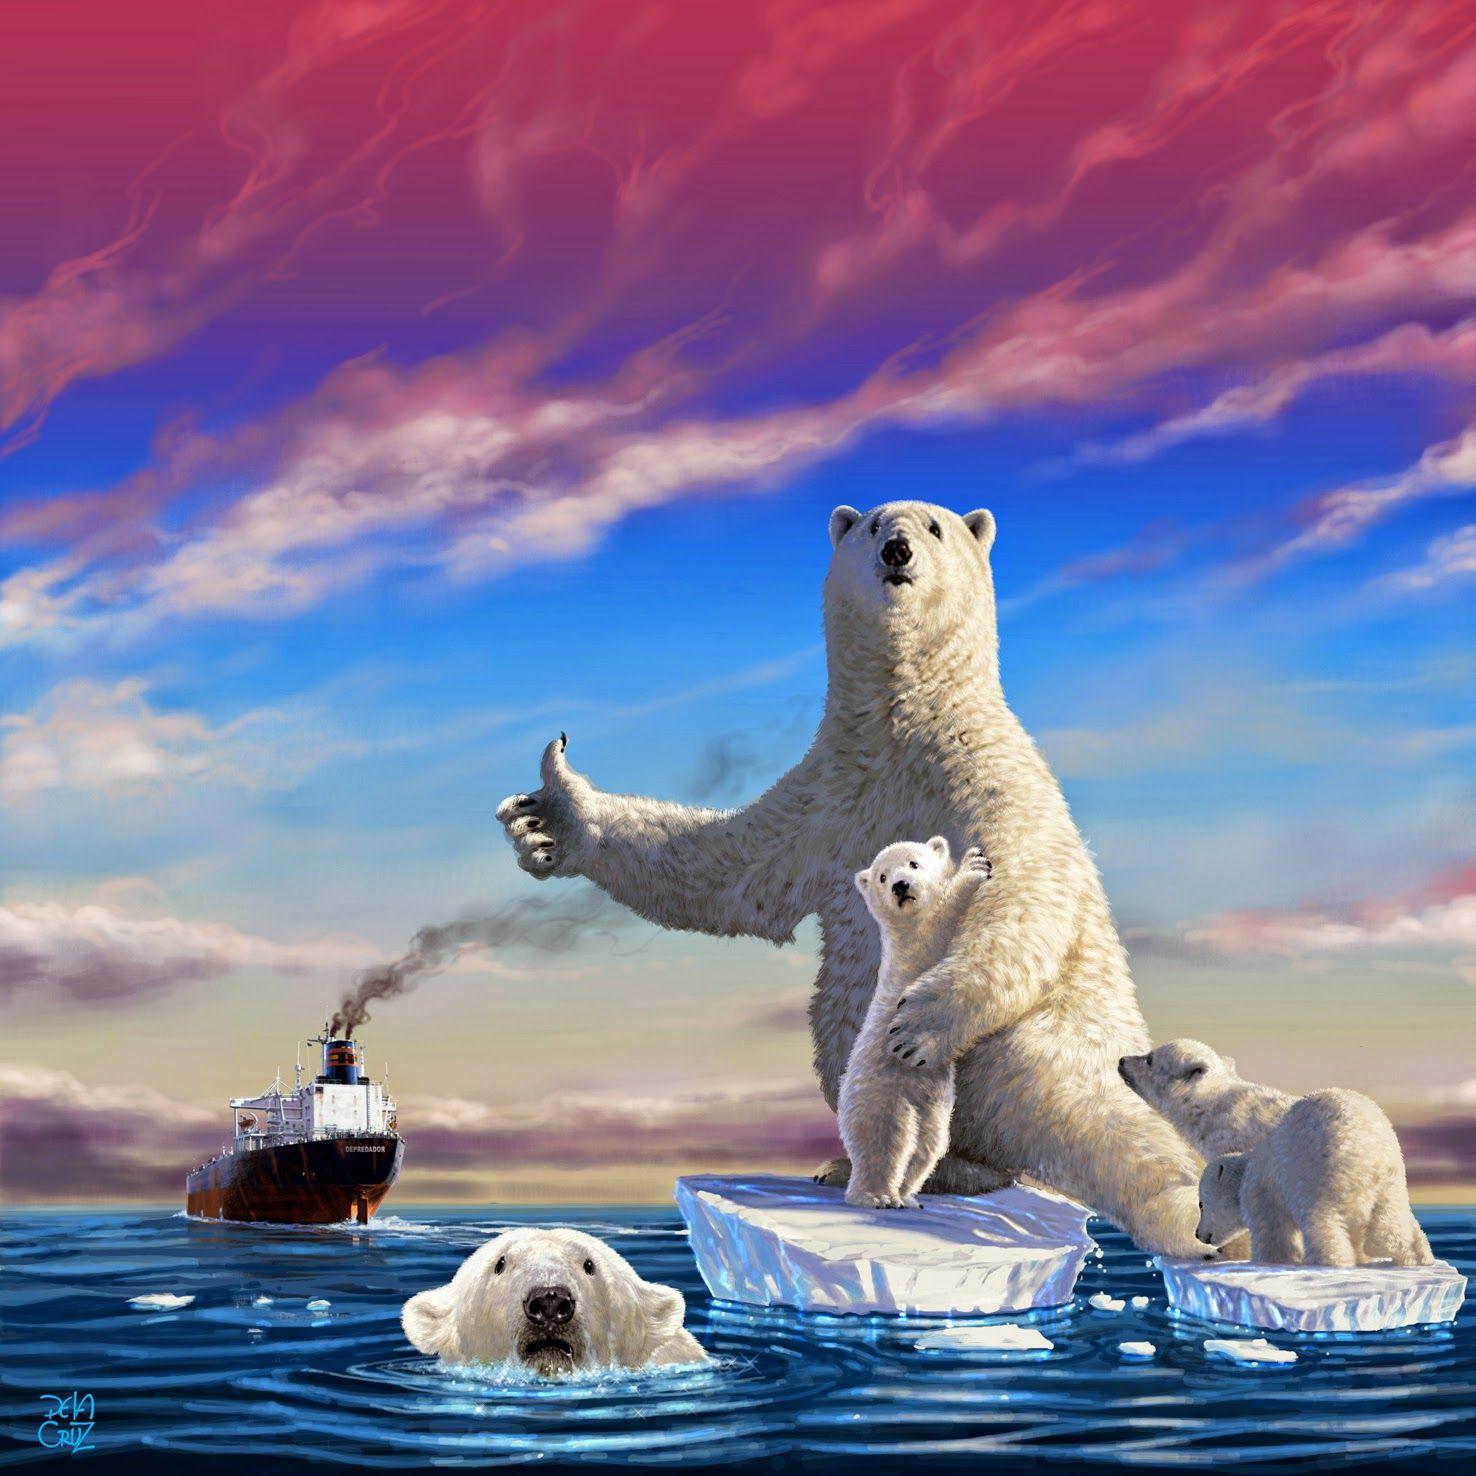 MIS MEJORES FOTOS : Animales en peligro de extinción, el Oso polar.